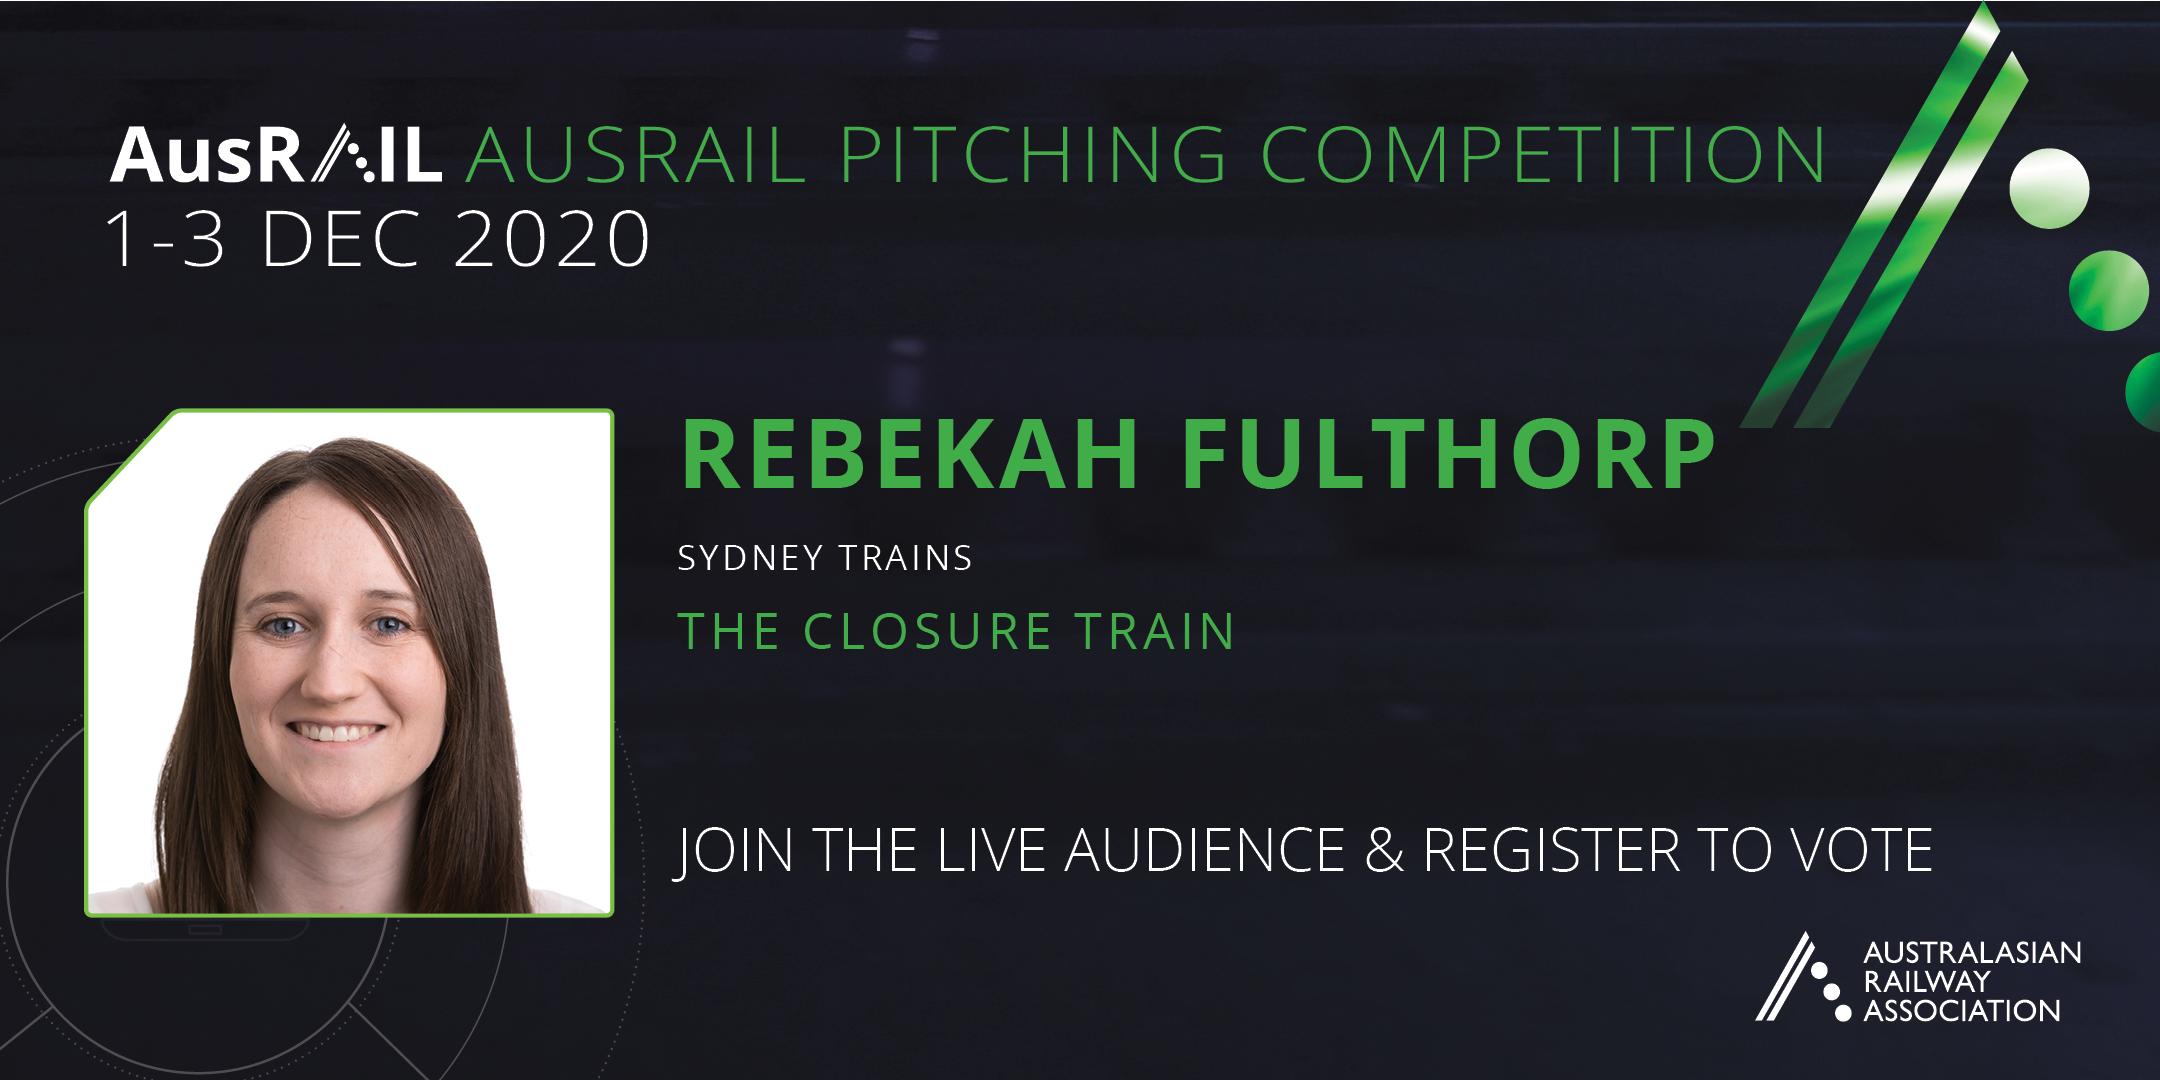 Rebekah Fulthorp